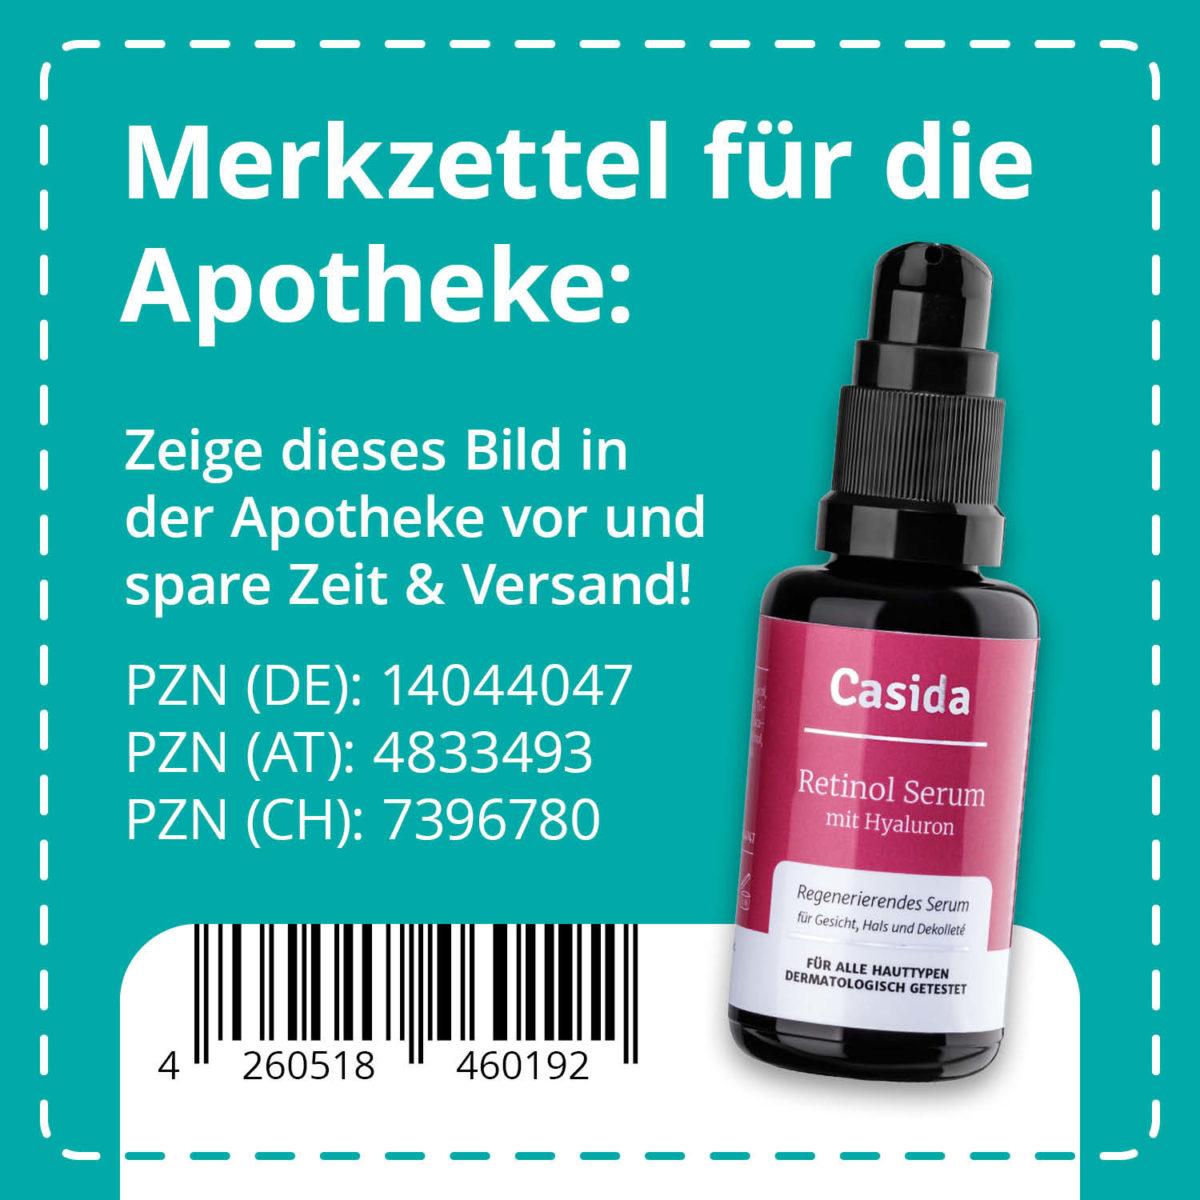 Casida Retinol Serum 30 ml PZN DE 14044047 PZN AT 4833493 PZN CH 7396780 UVP 24,95 € EAN 4260518460192